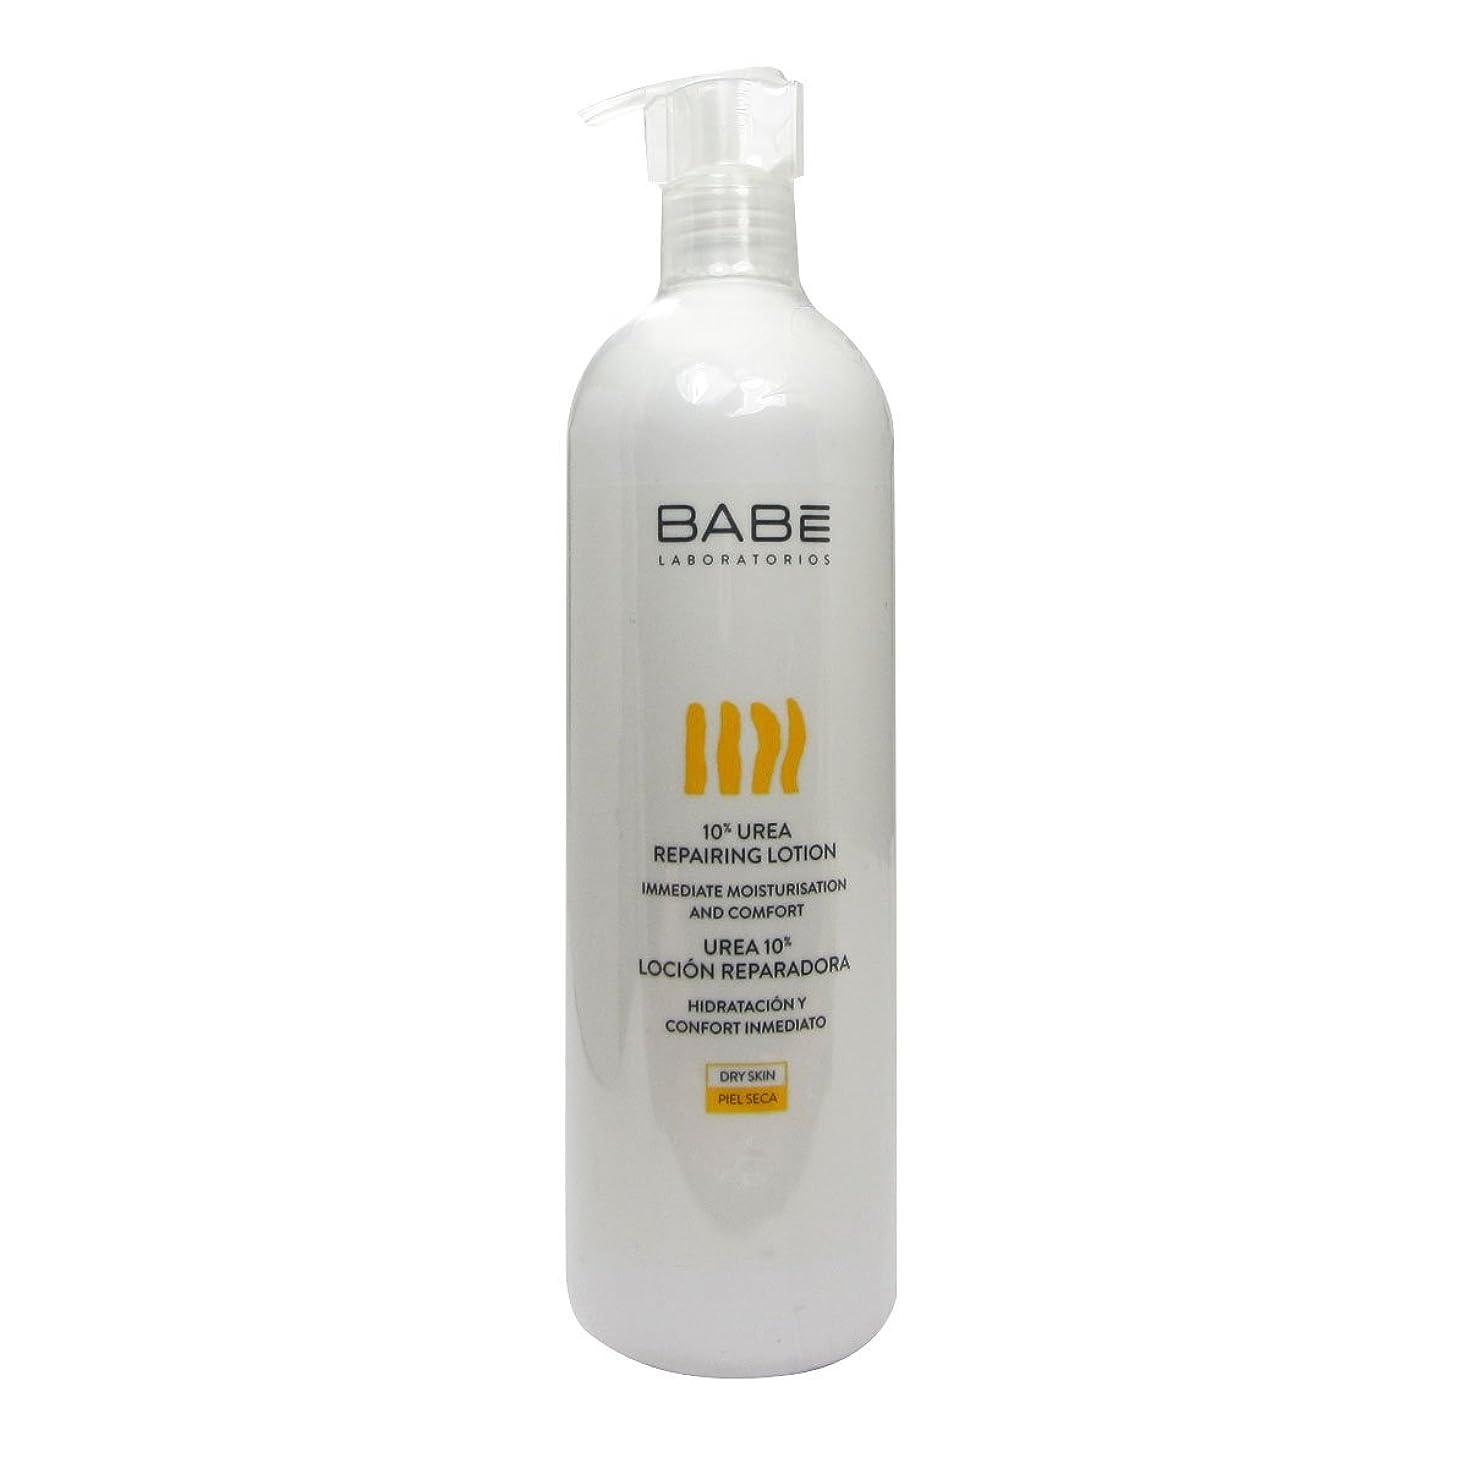 除去普遍的な圧縮Babe Repairing Lotion Urea 10% 500ml [並行輸入品]